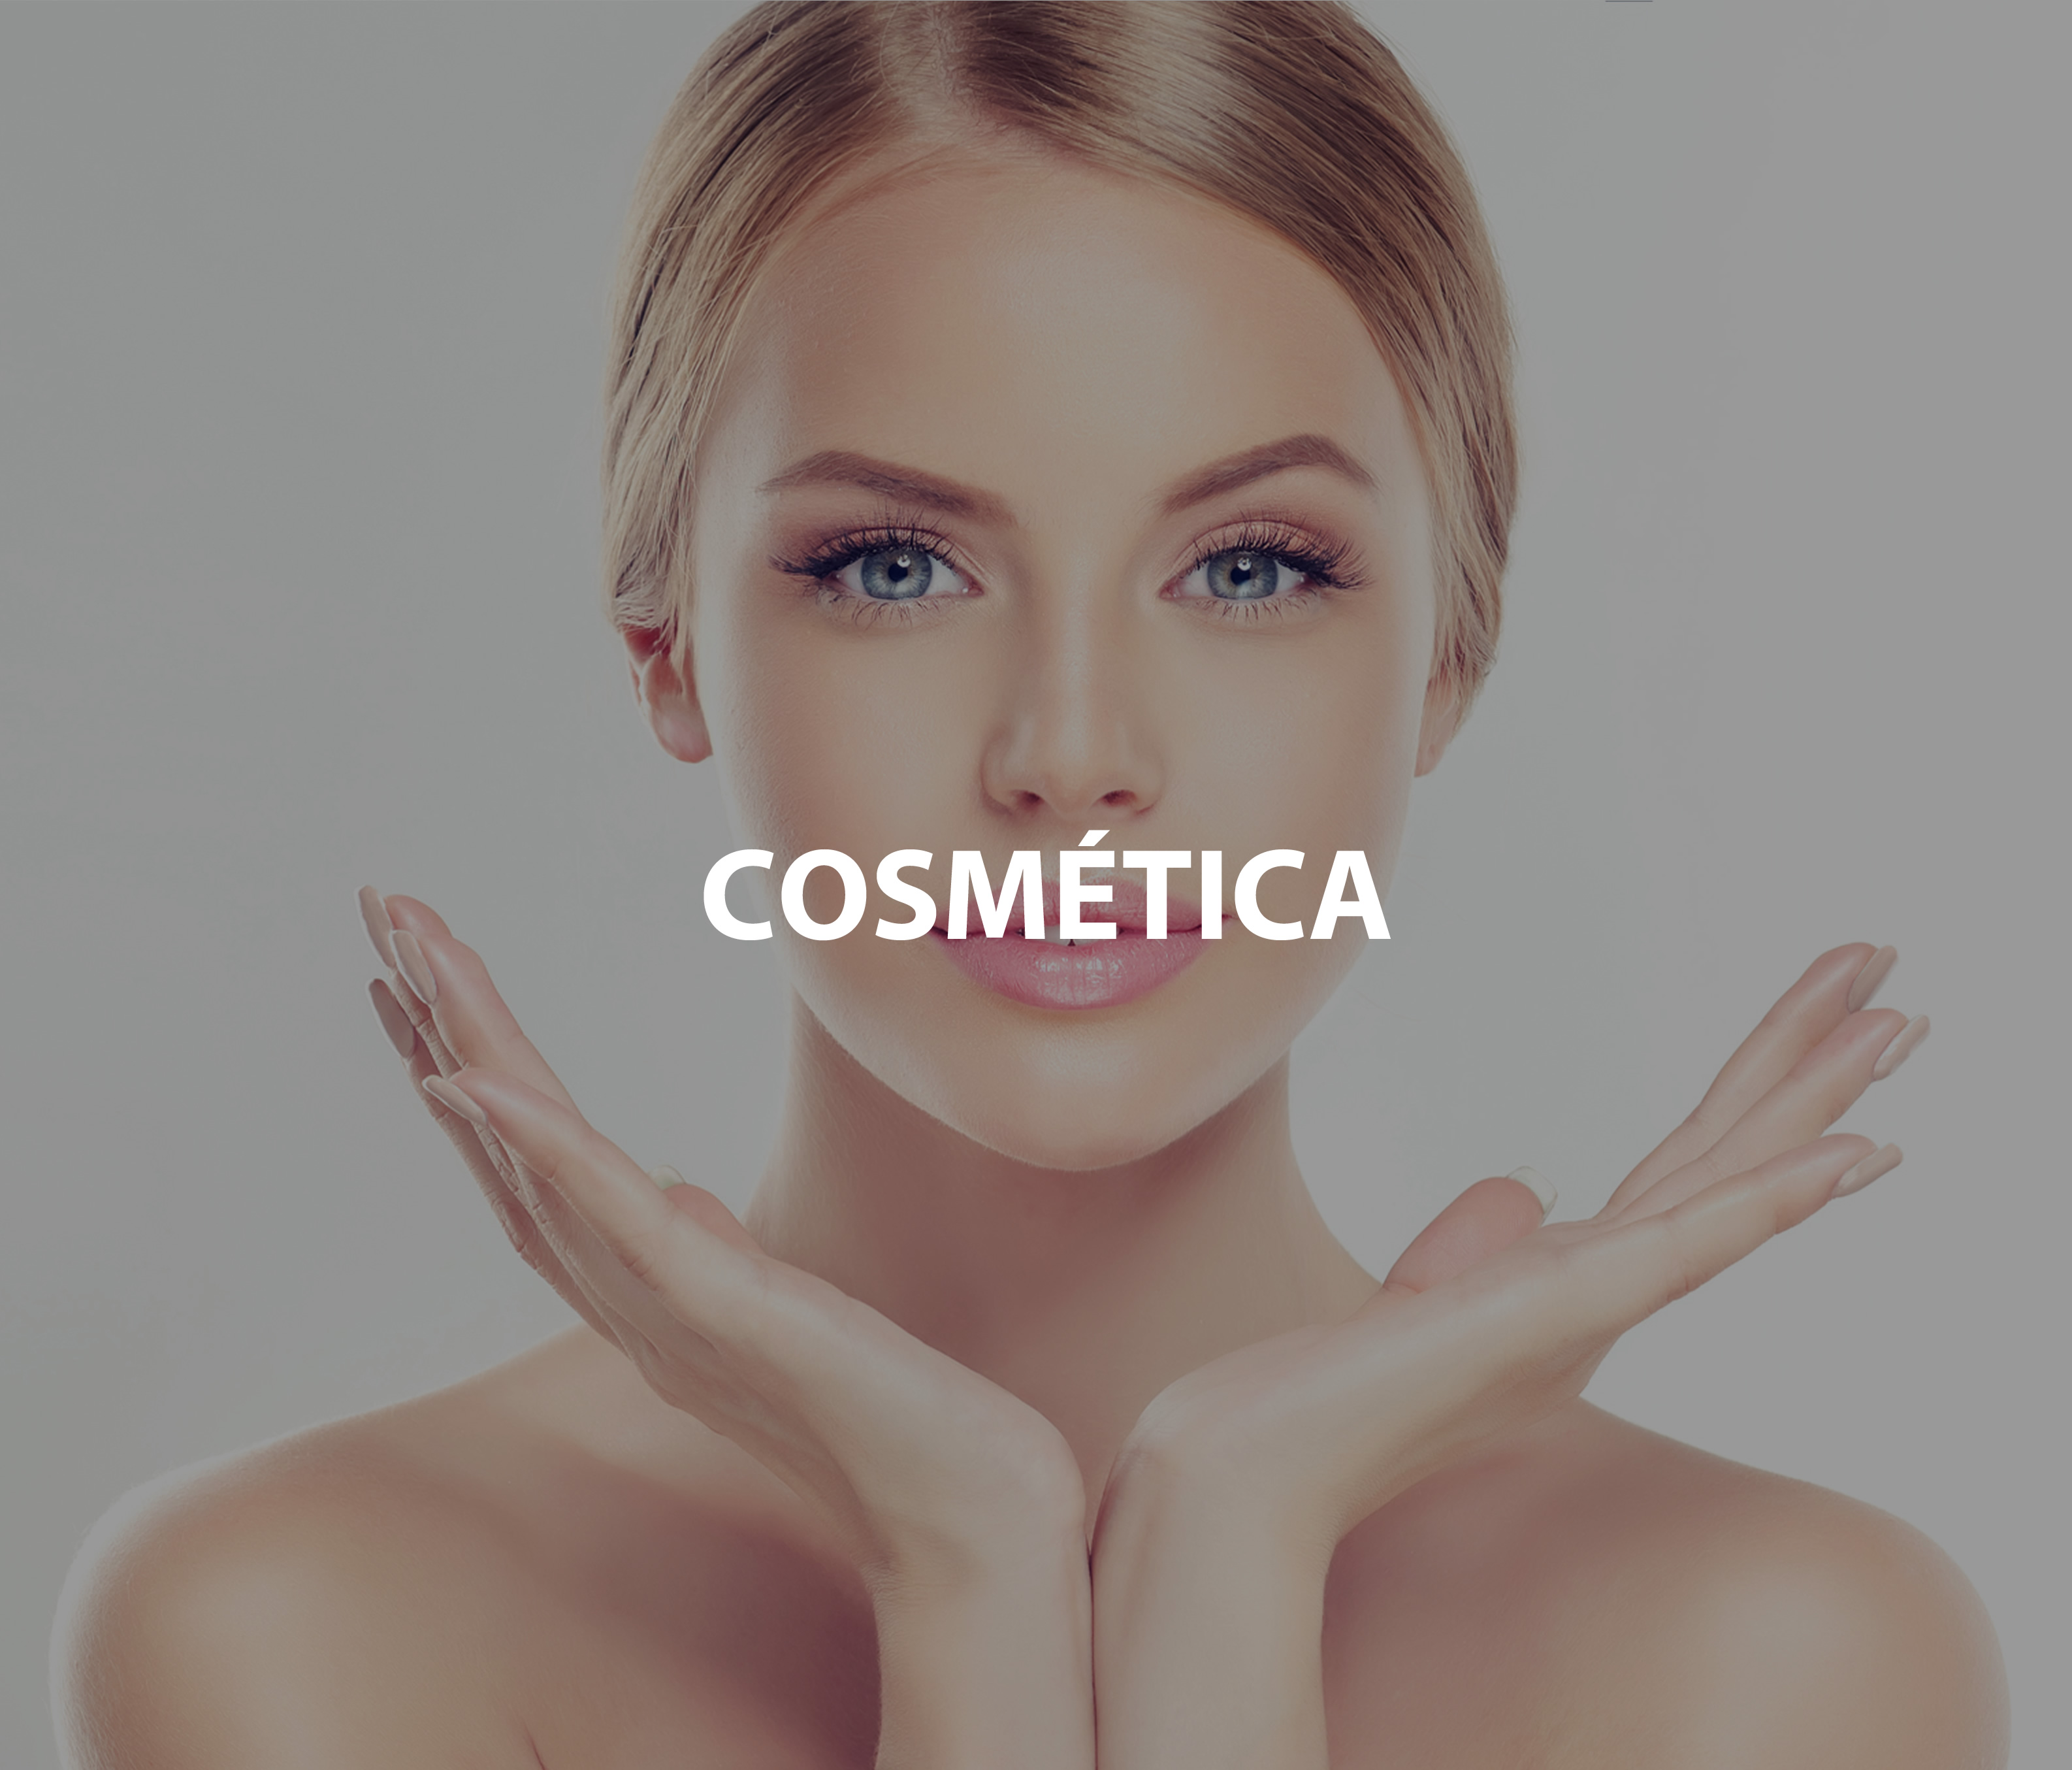 cosmetica-2